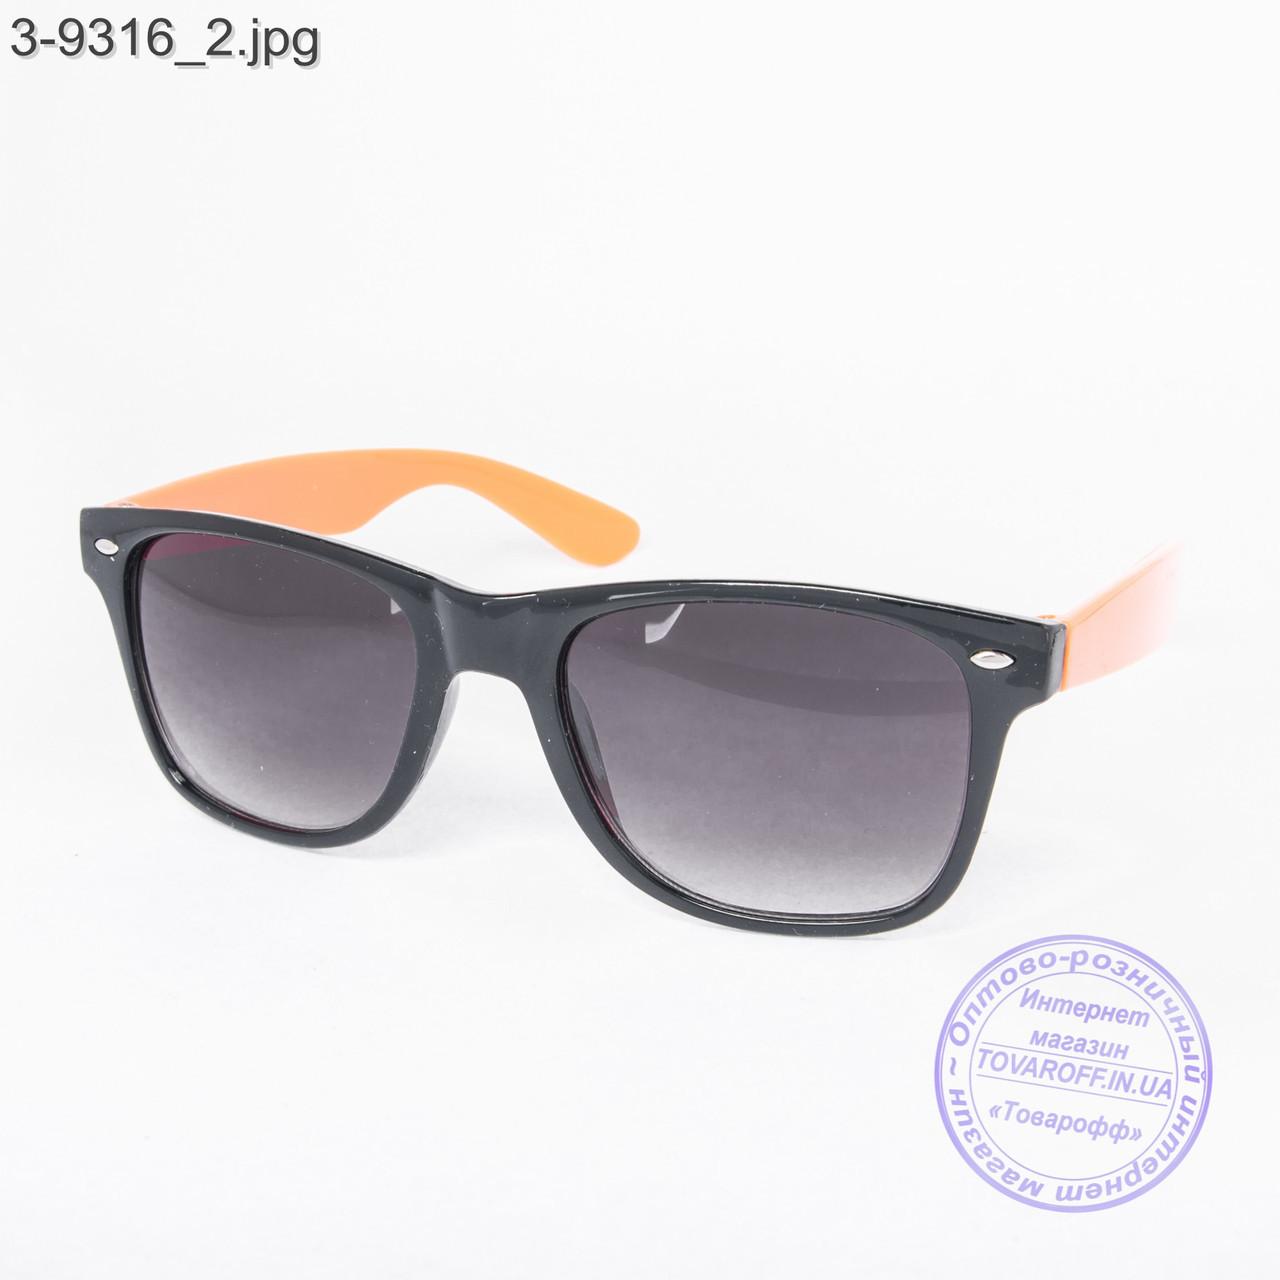 11d70e374679 Оптом очки солнцезащитные Вайфарер (Wayfarer) черно-оранжевые - 3-9316